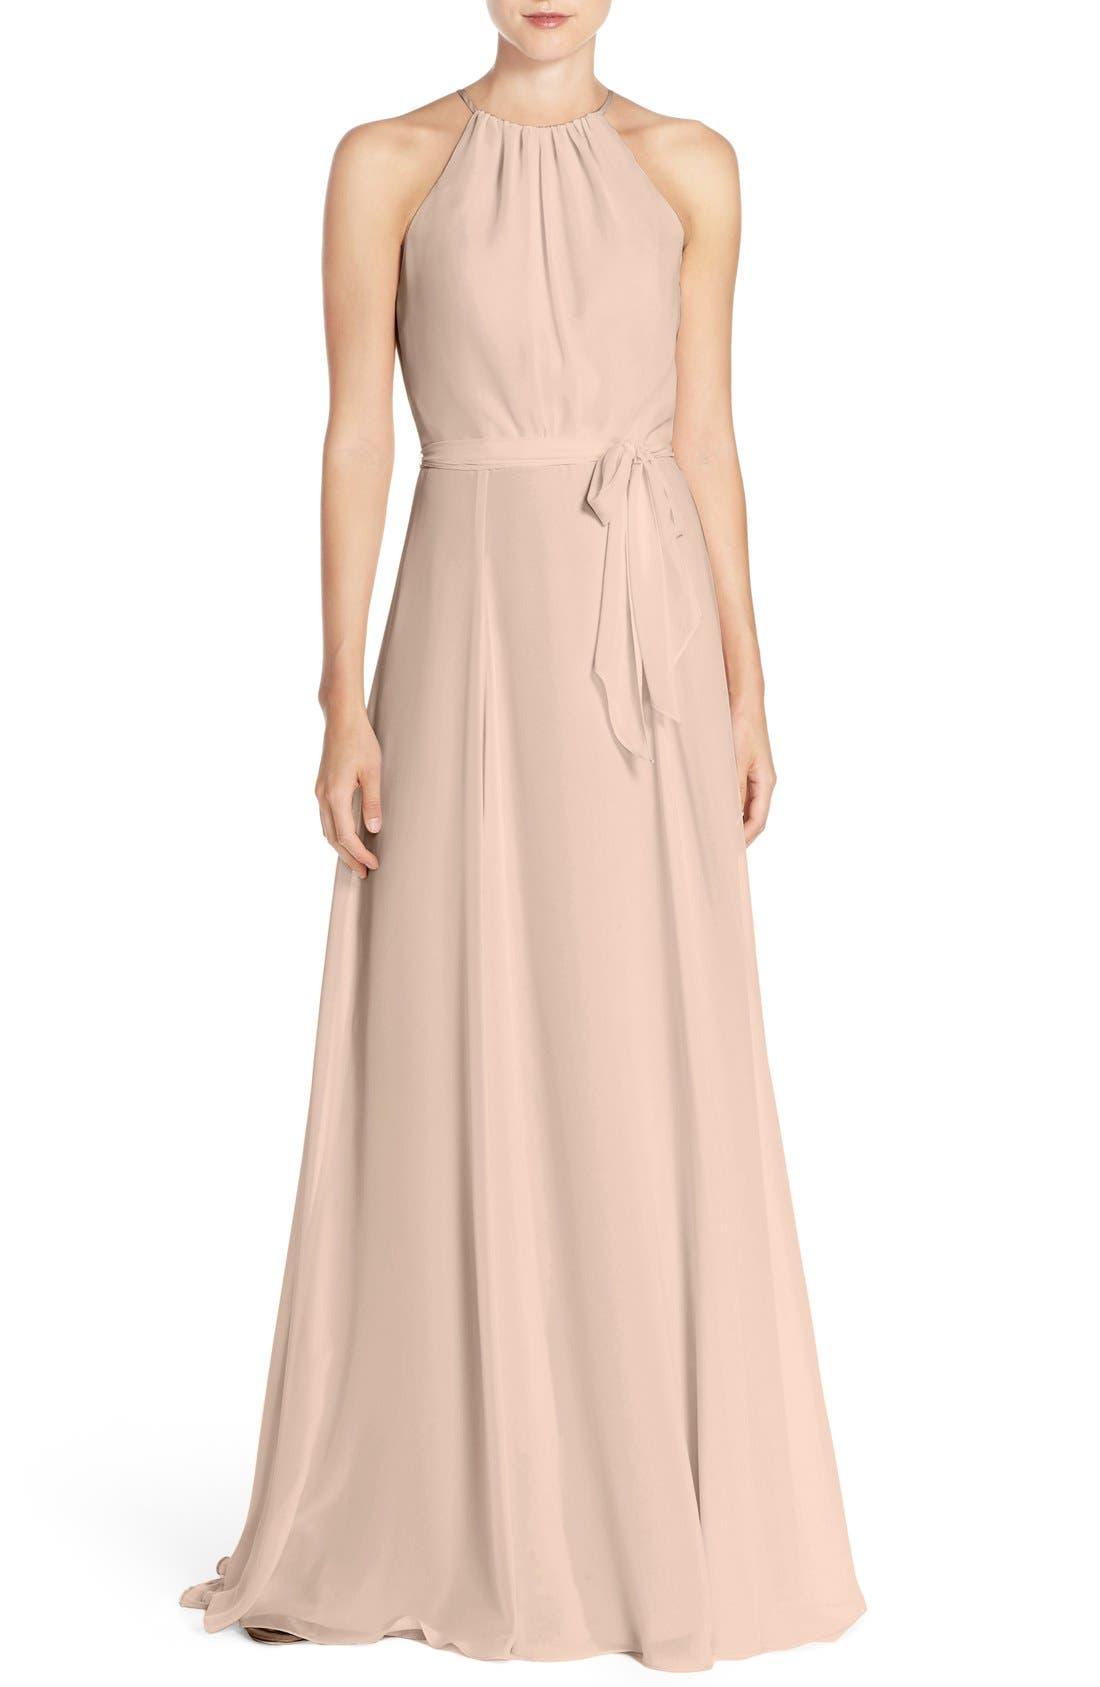 'Delaney' Belted A-Line Chiffon Halter Dress,                         Main,                         color, 220